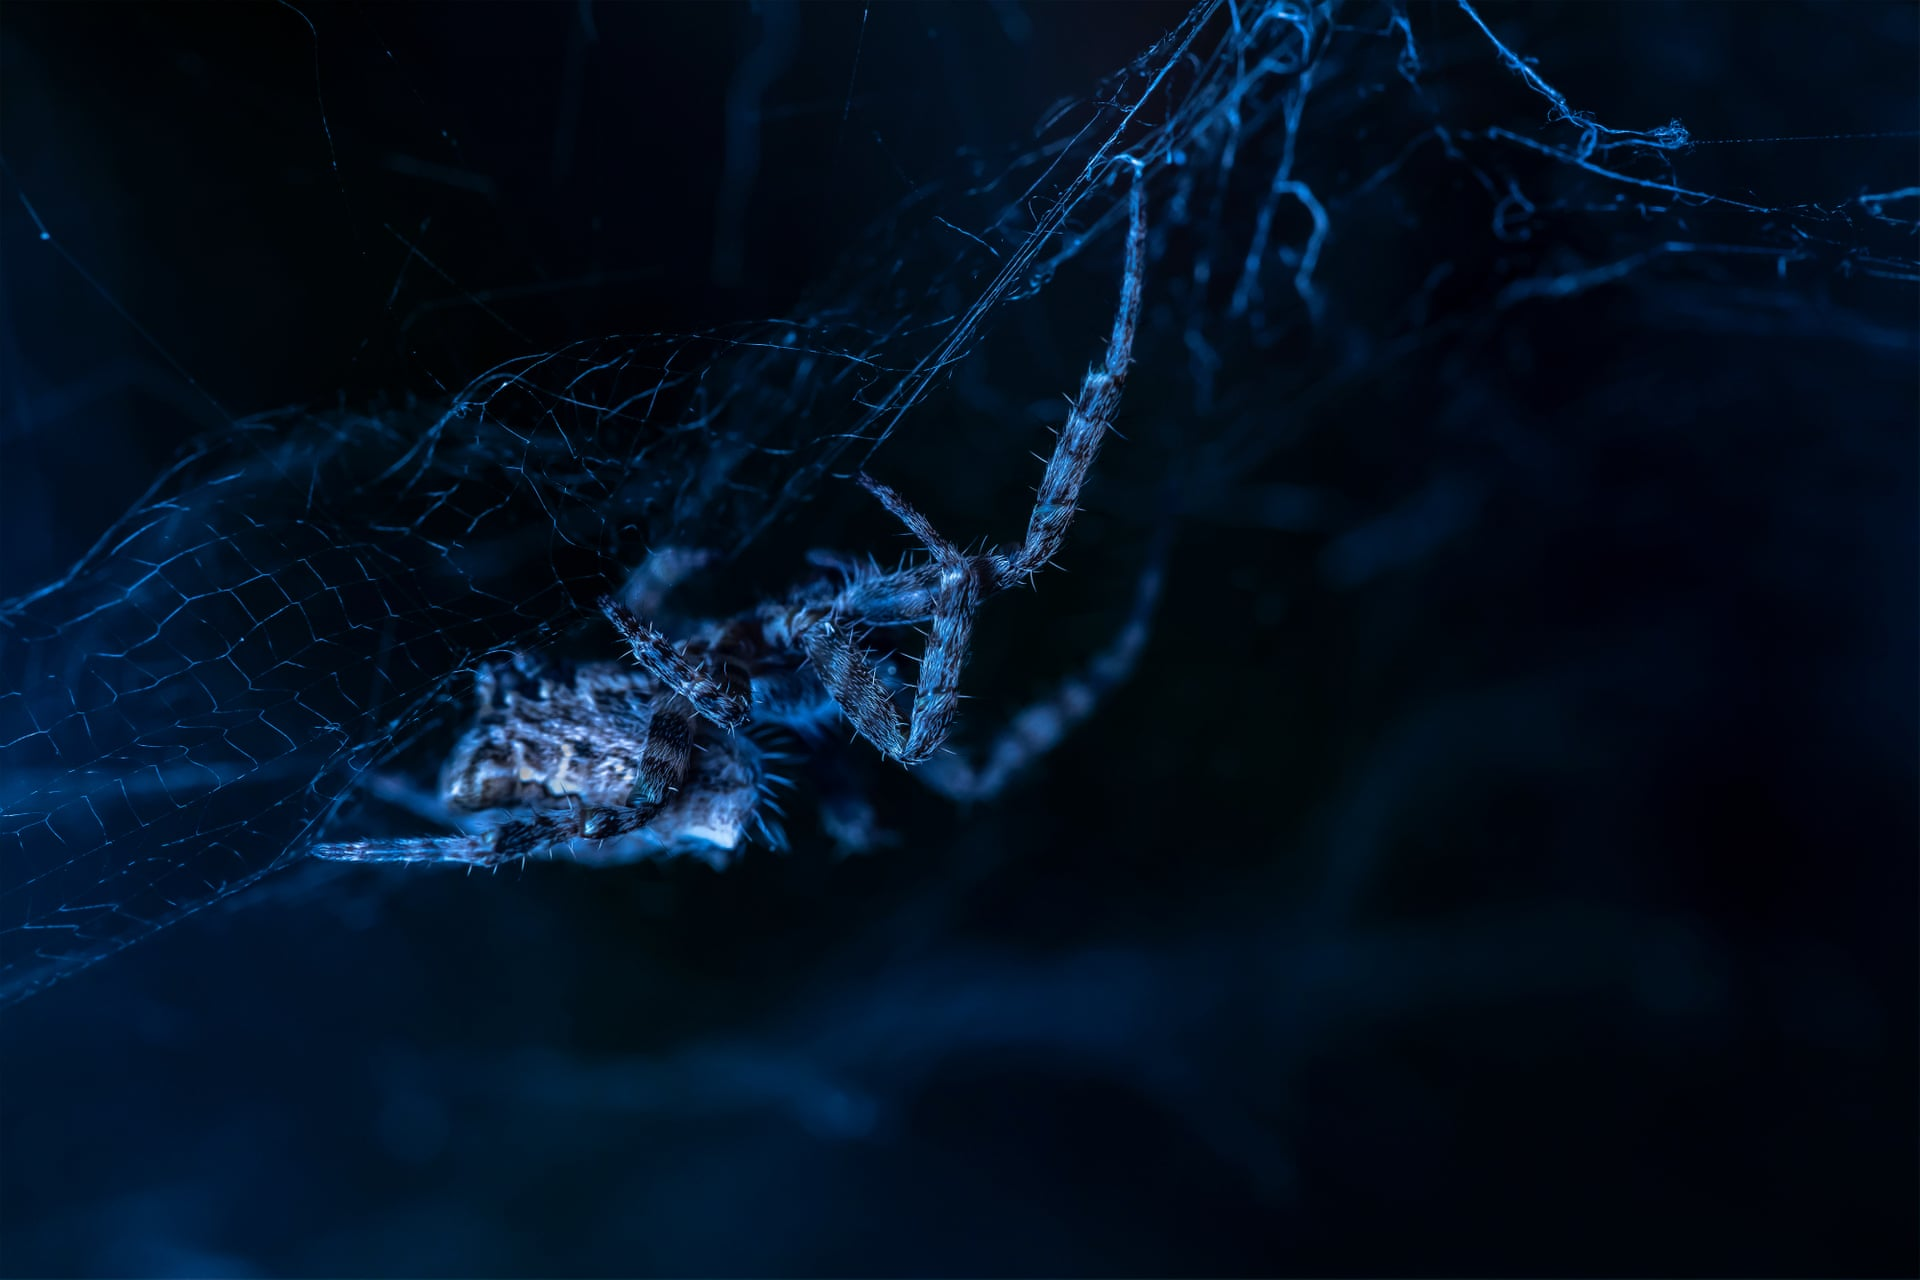 Цель этого фото — показать, что даже хищники уязвимы. Вчастности, паутина дляпауков — это убежище, где они едят, спариваются ипрячутся отхищников. Вся их жизнь разворачивается впределах их паутины. Снимок сделан вИспании.